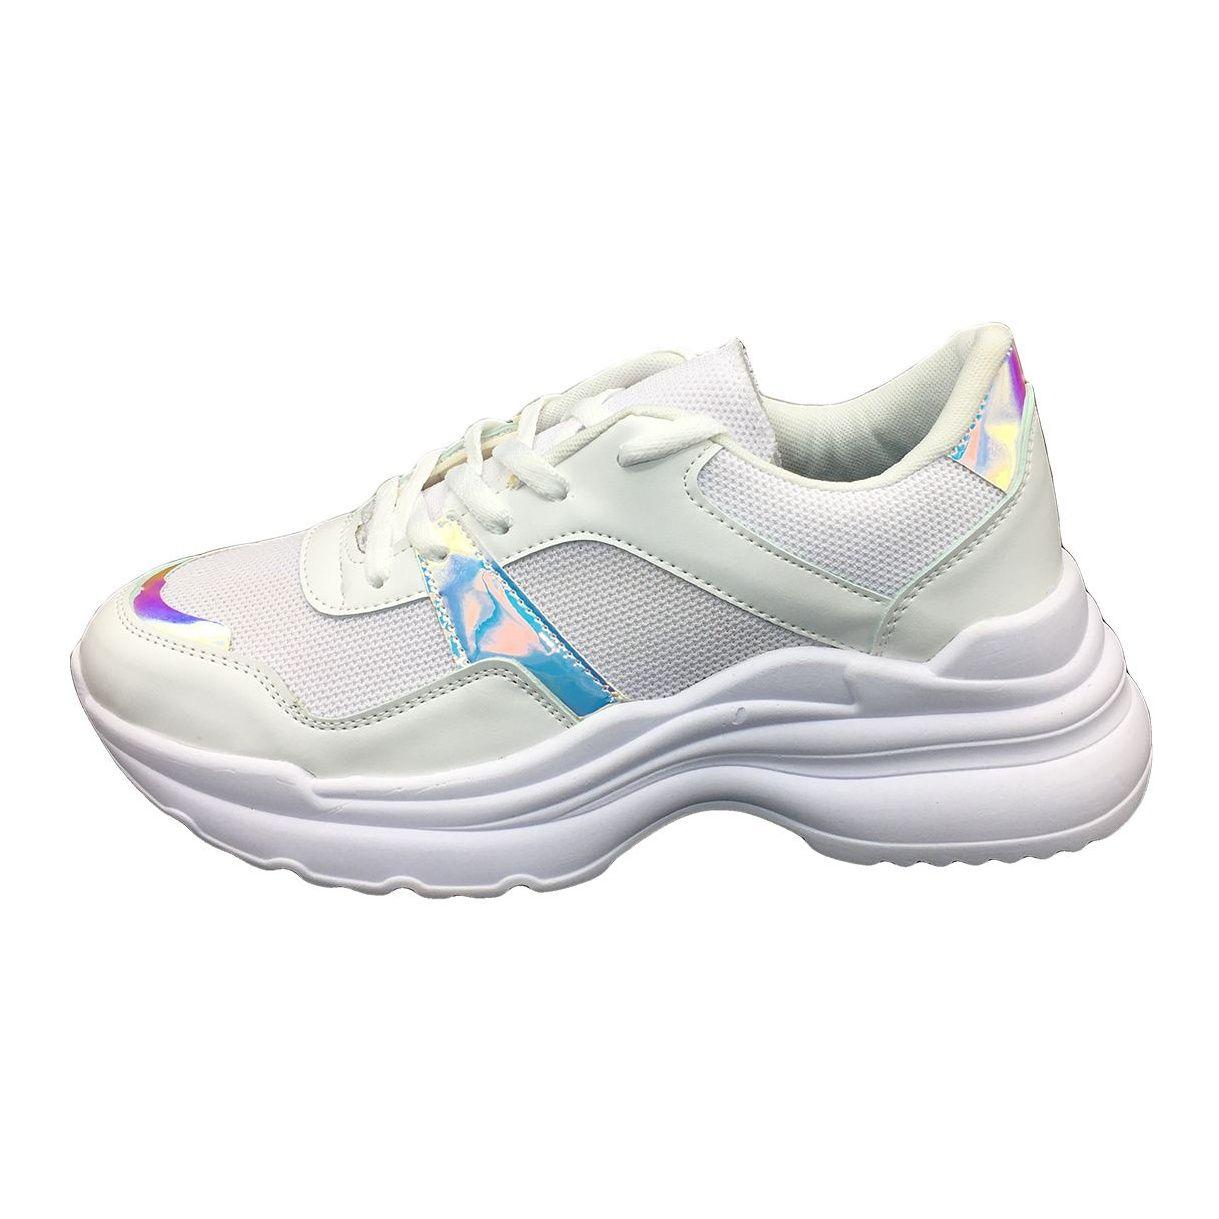 کفش مخصوص پیاده روی زنانه مدل ho 25 رنگ سفید main 1 1